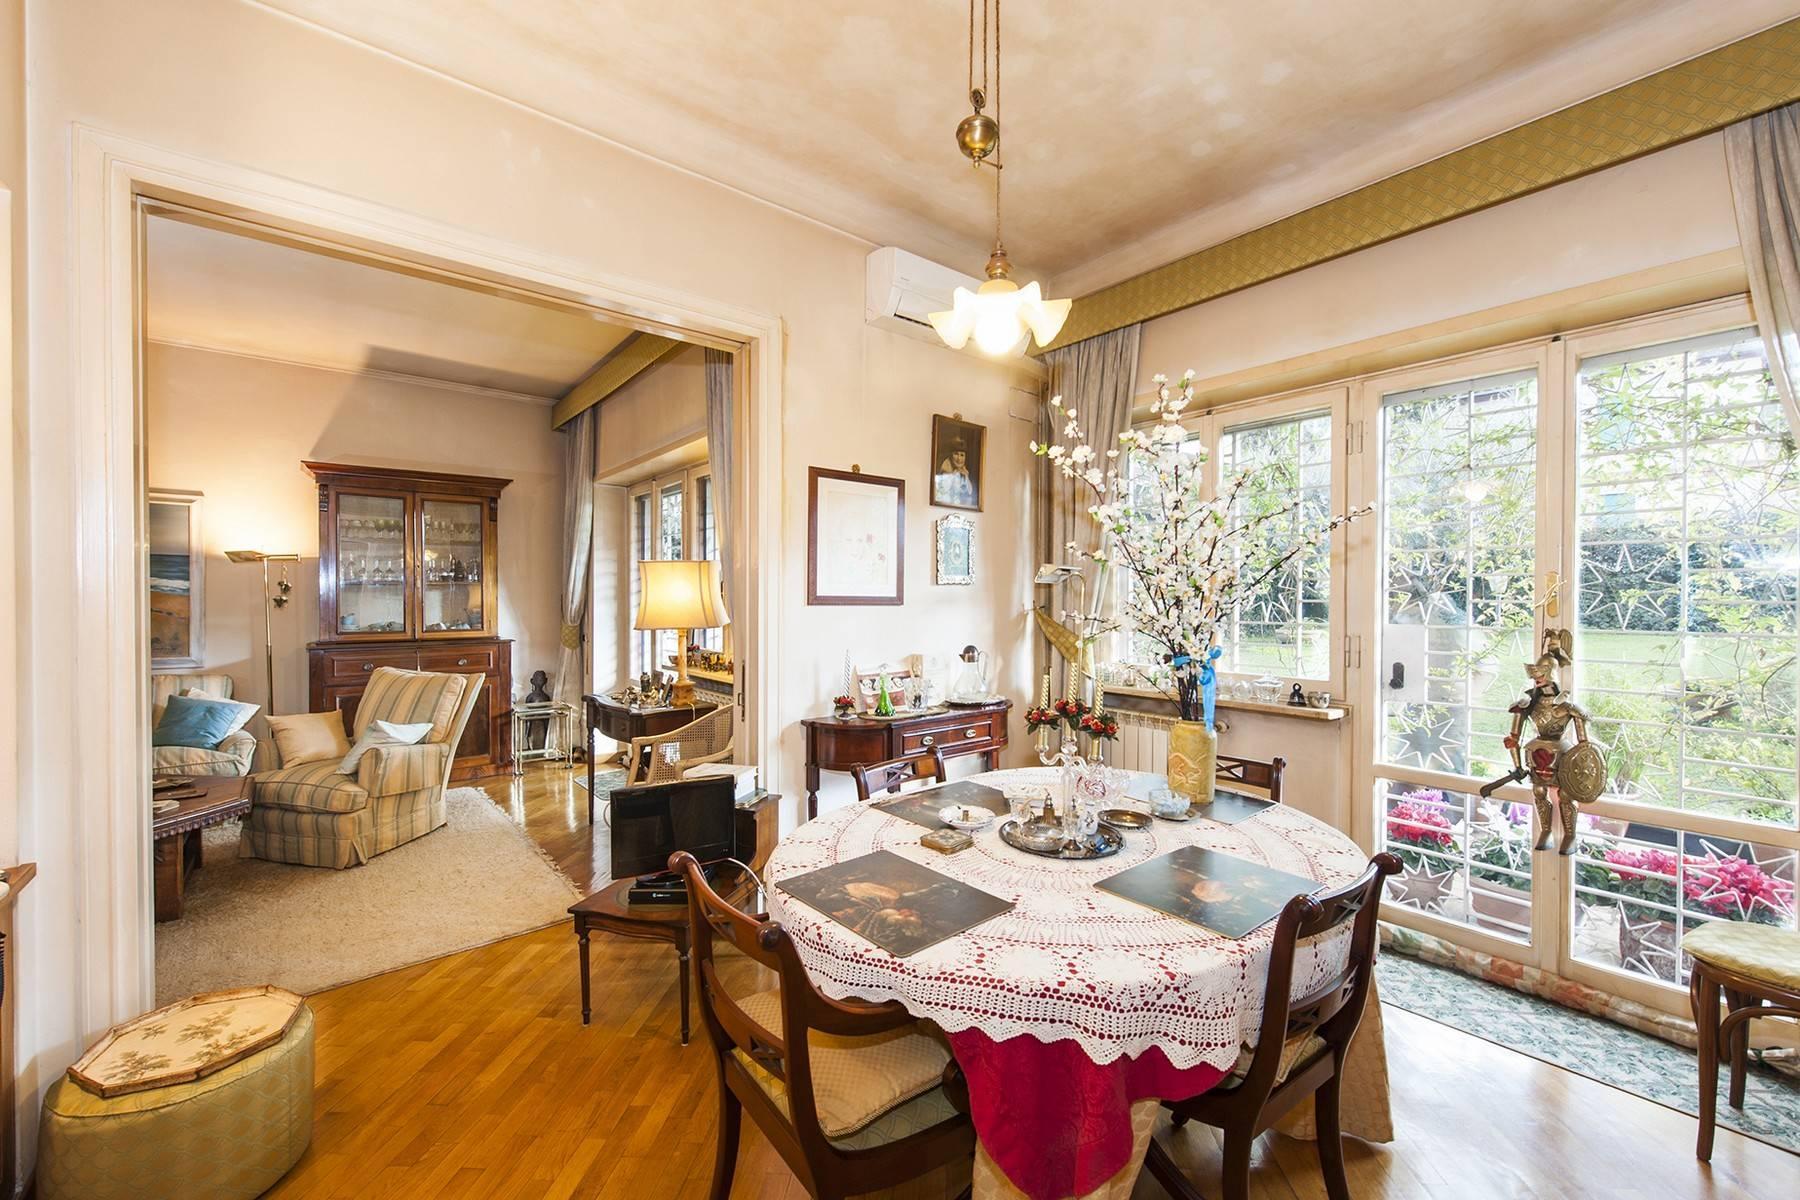 Appartamento con giardino nei pressi dell'Appia Antica - 7